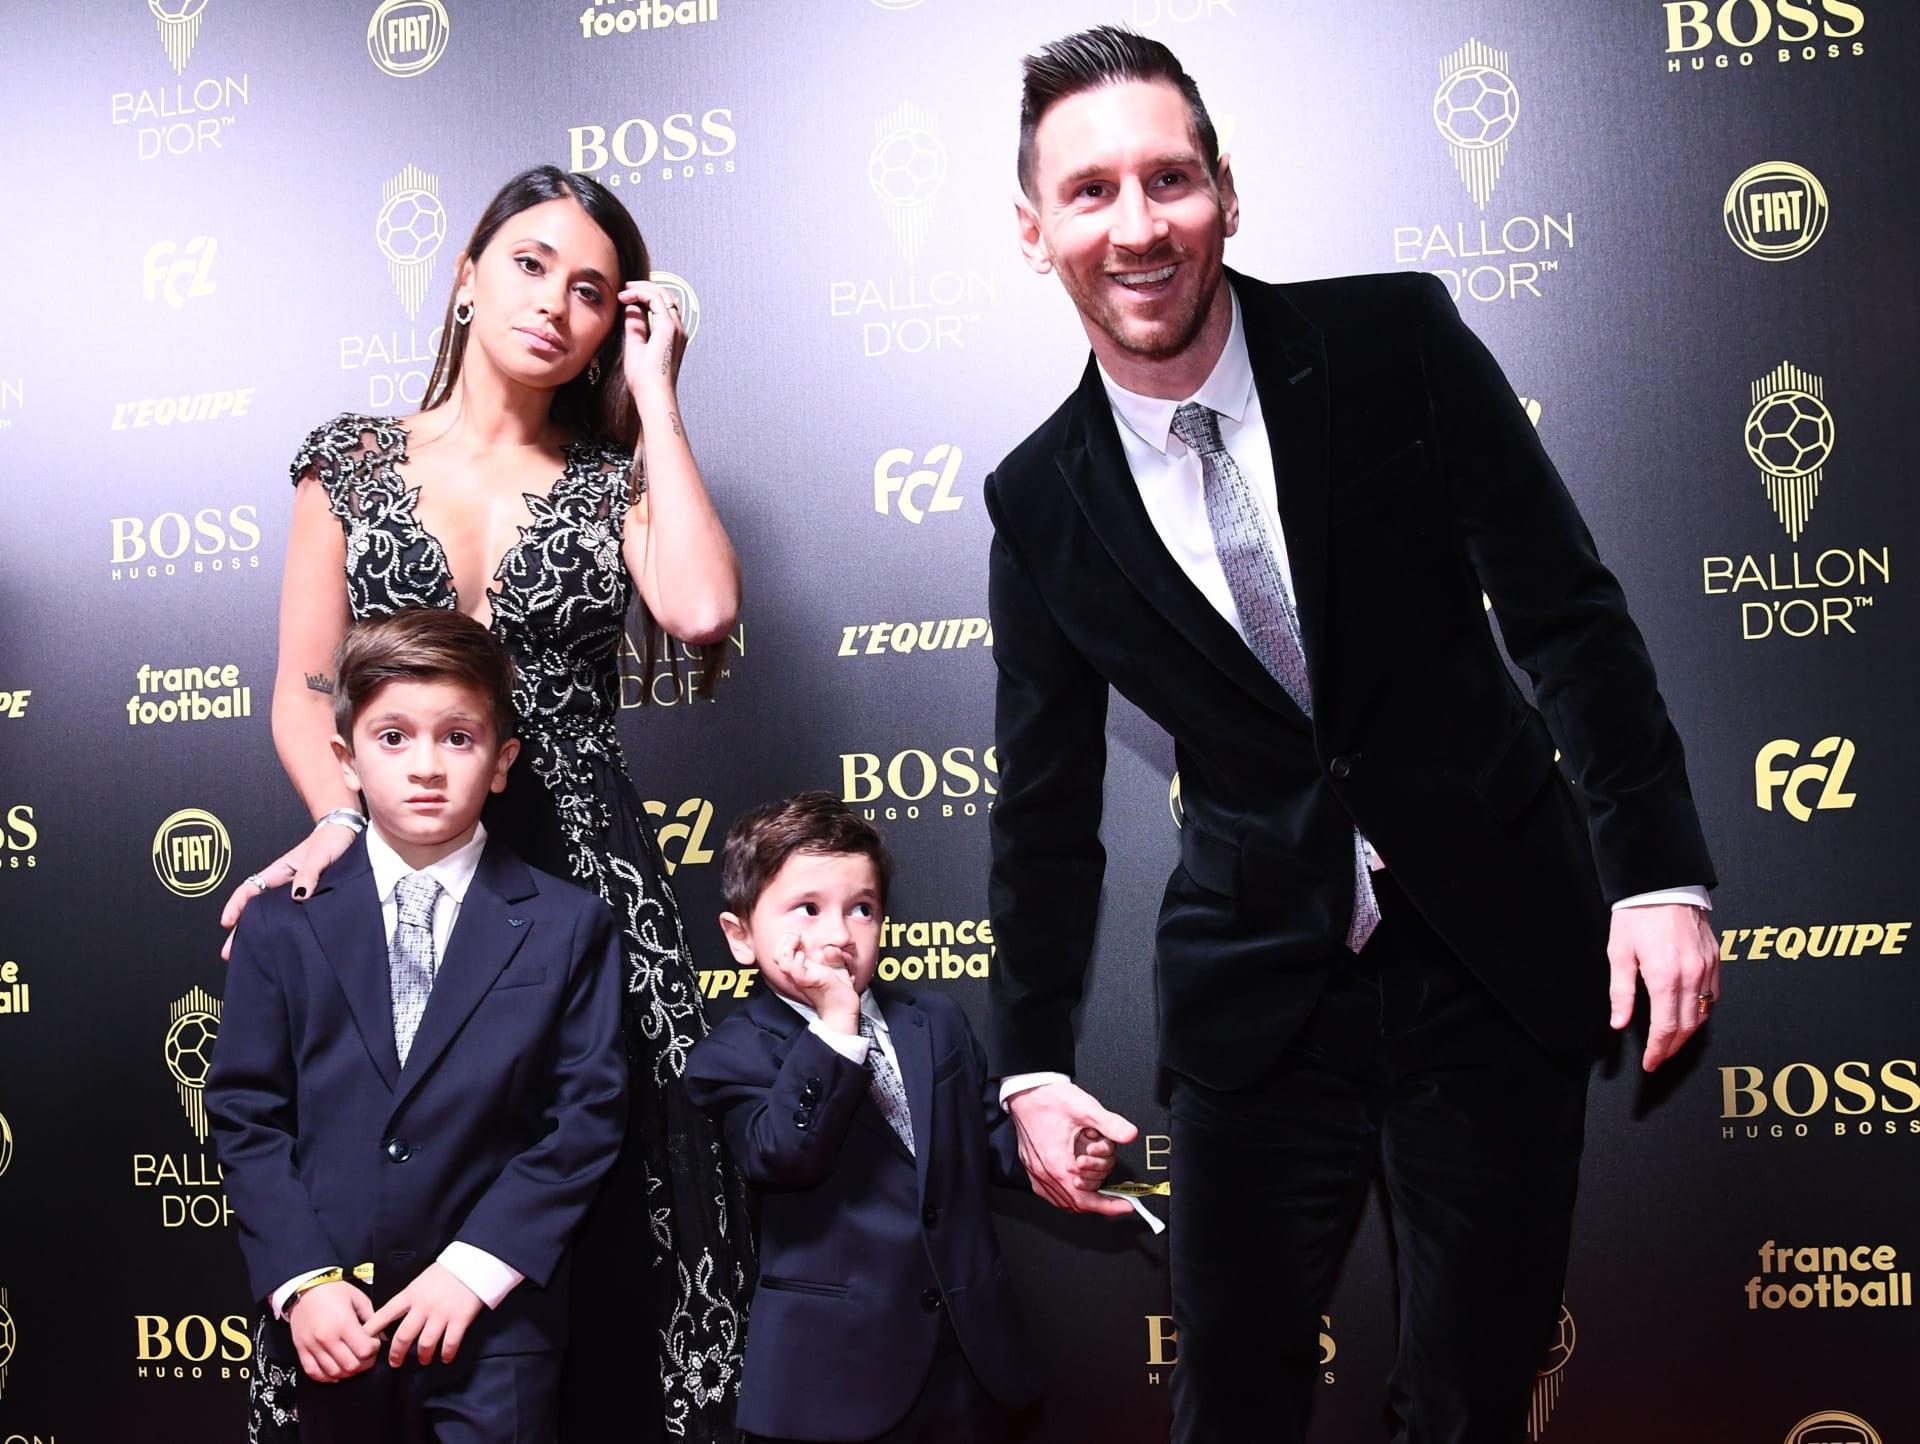 فرحة ابن ميسي العفوية بفوز والده بالكرة الذهبية تثير تفاعل الملايين حول العالم